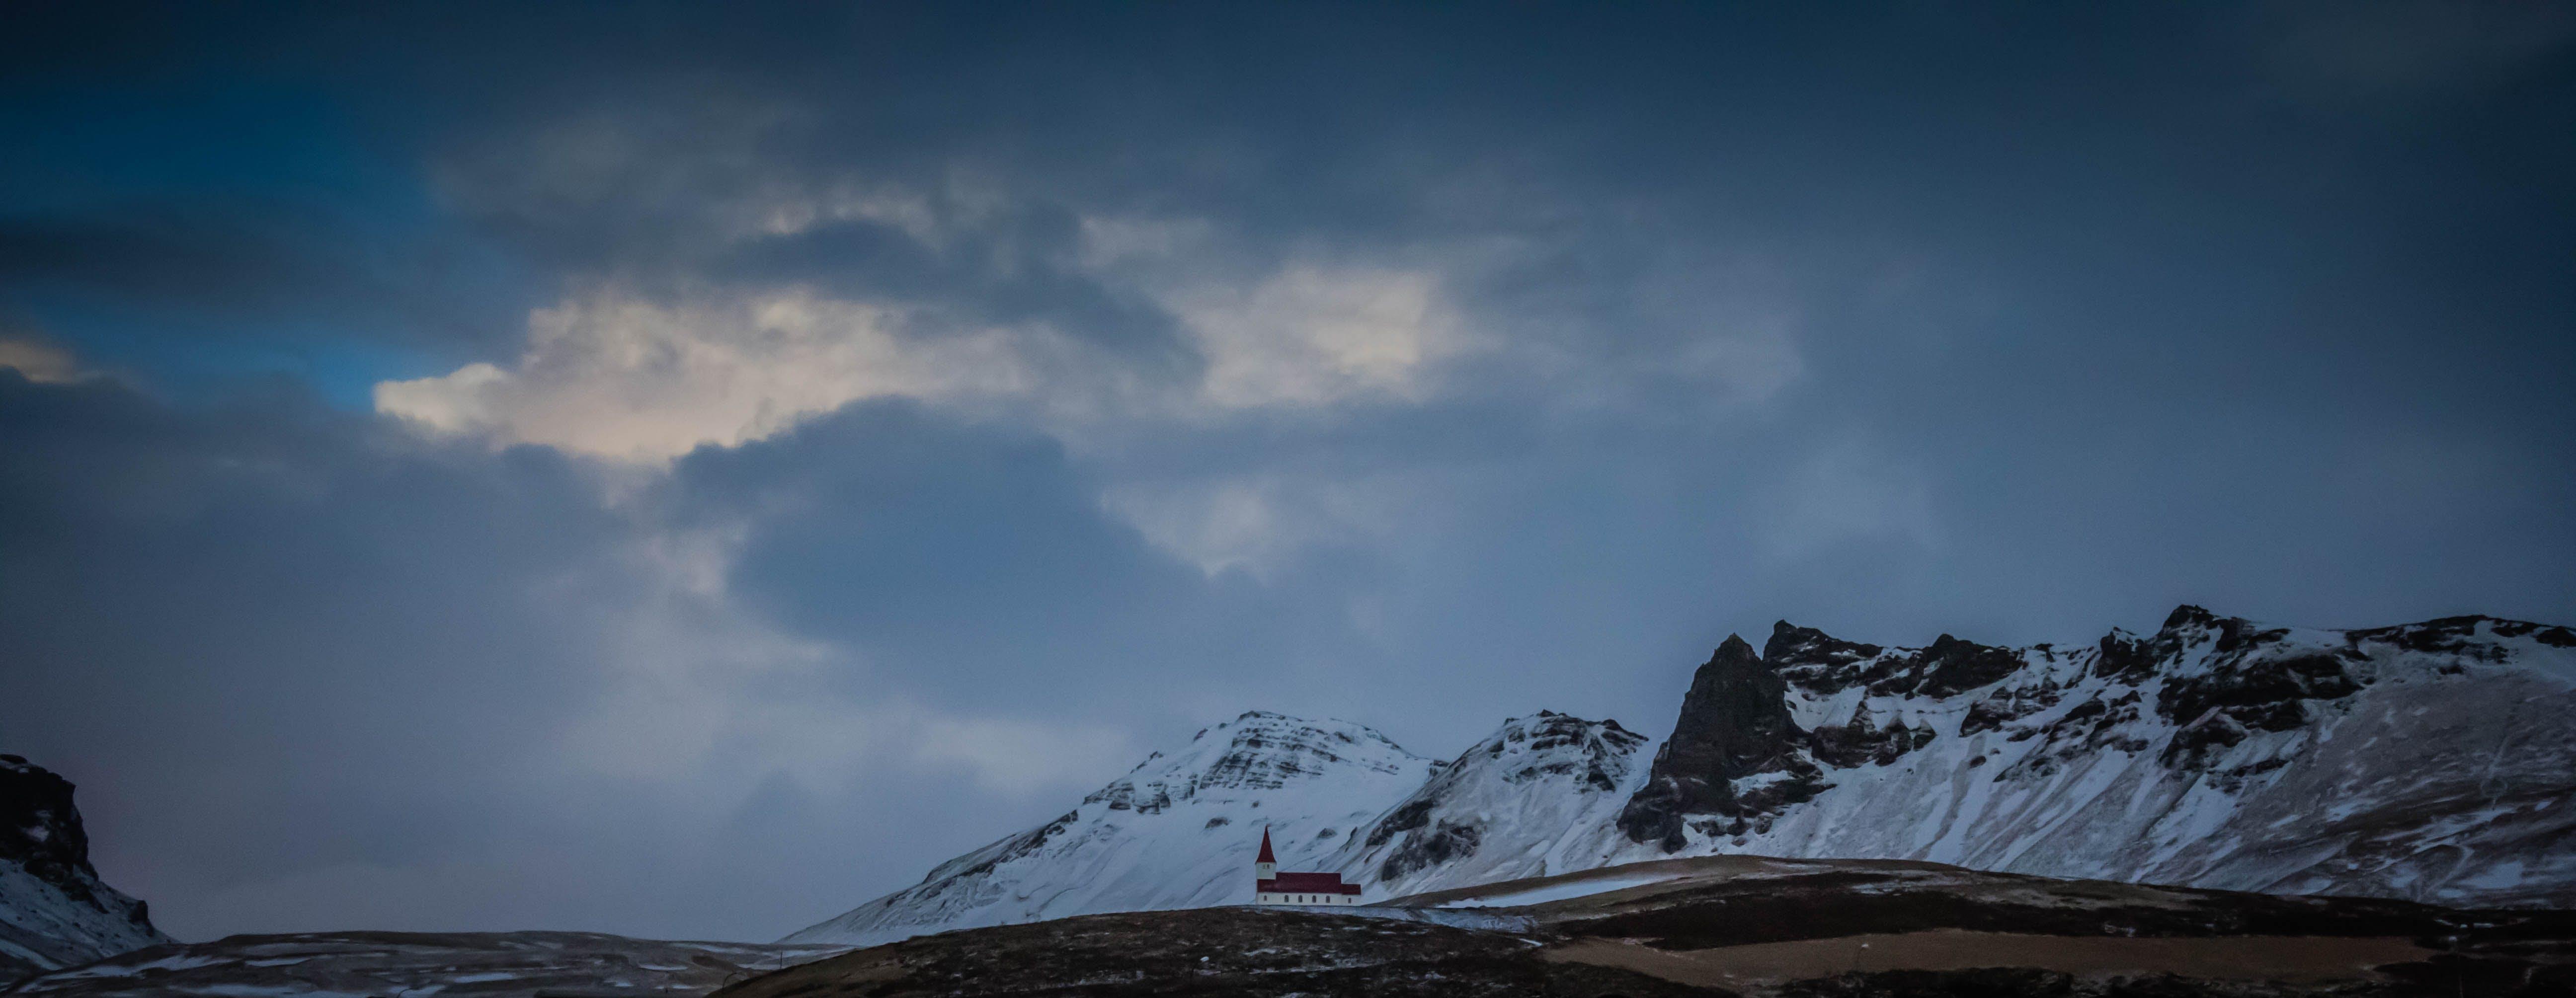 감기, 겨울, 경치, 구름의 무료 스톡 사진